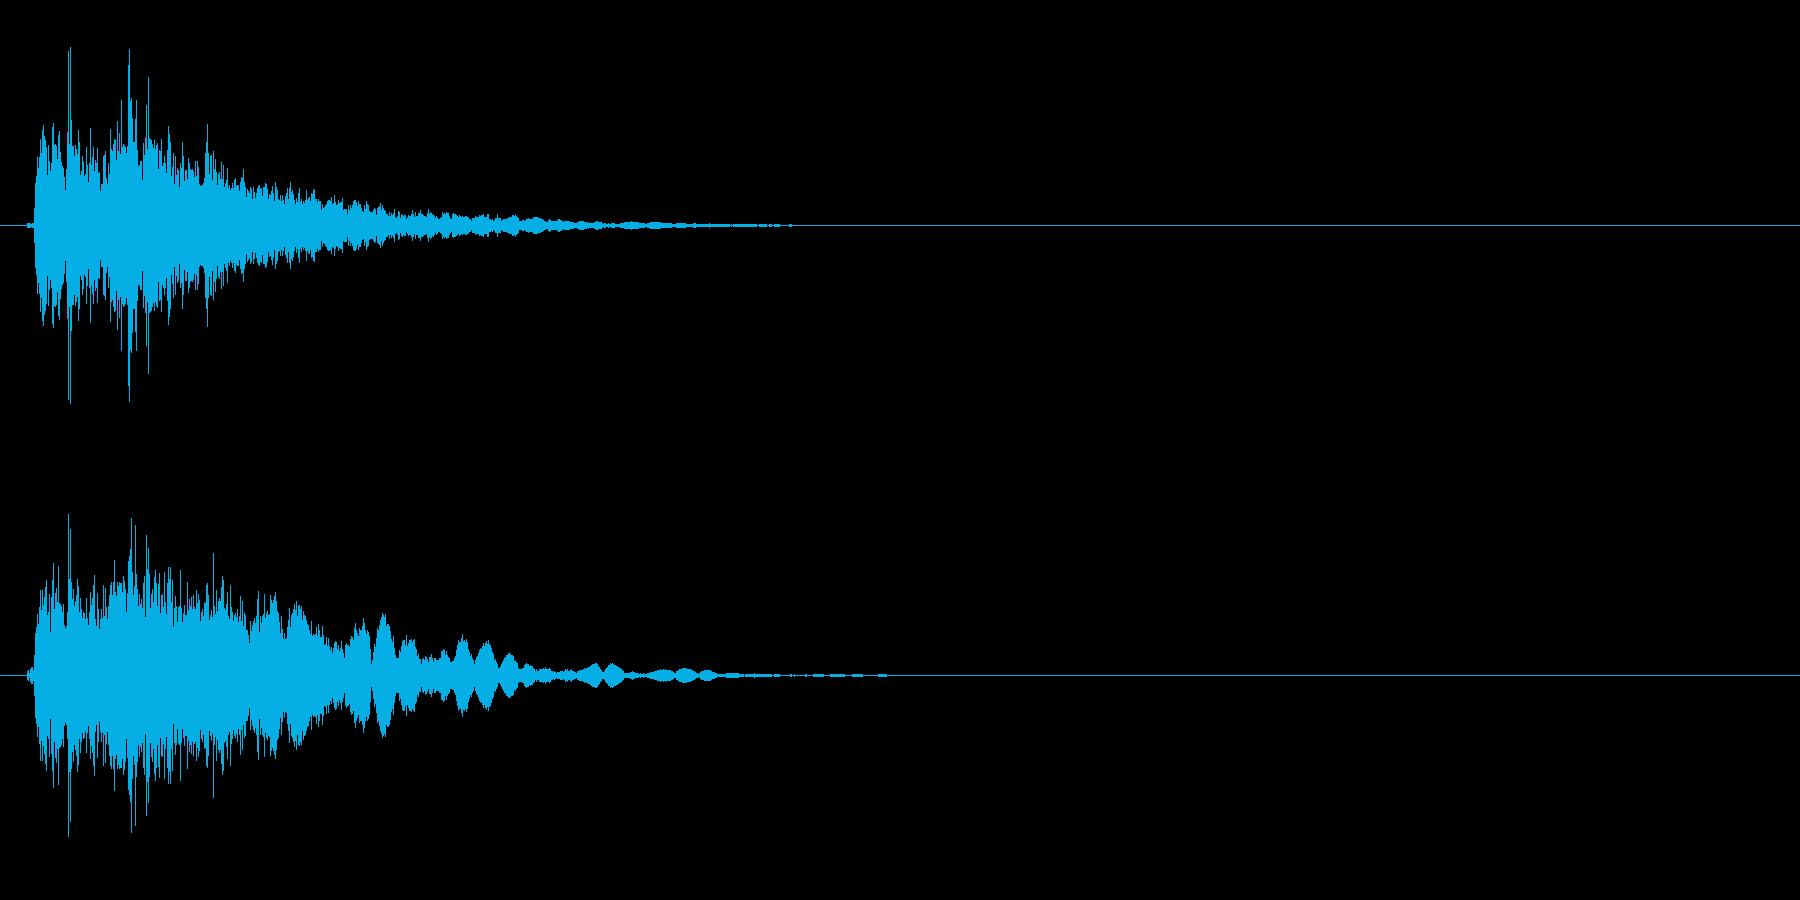 フェンス 揺らす音の再生済みの波形